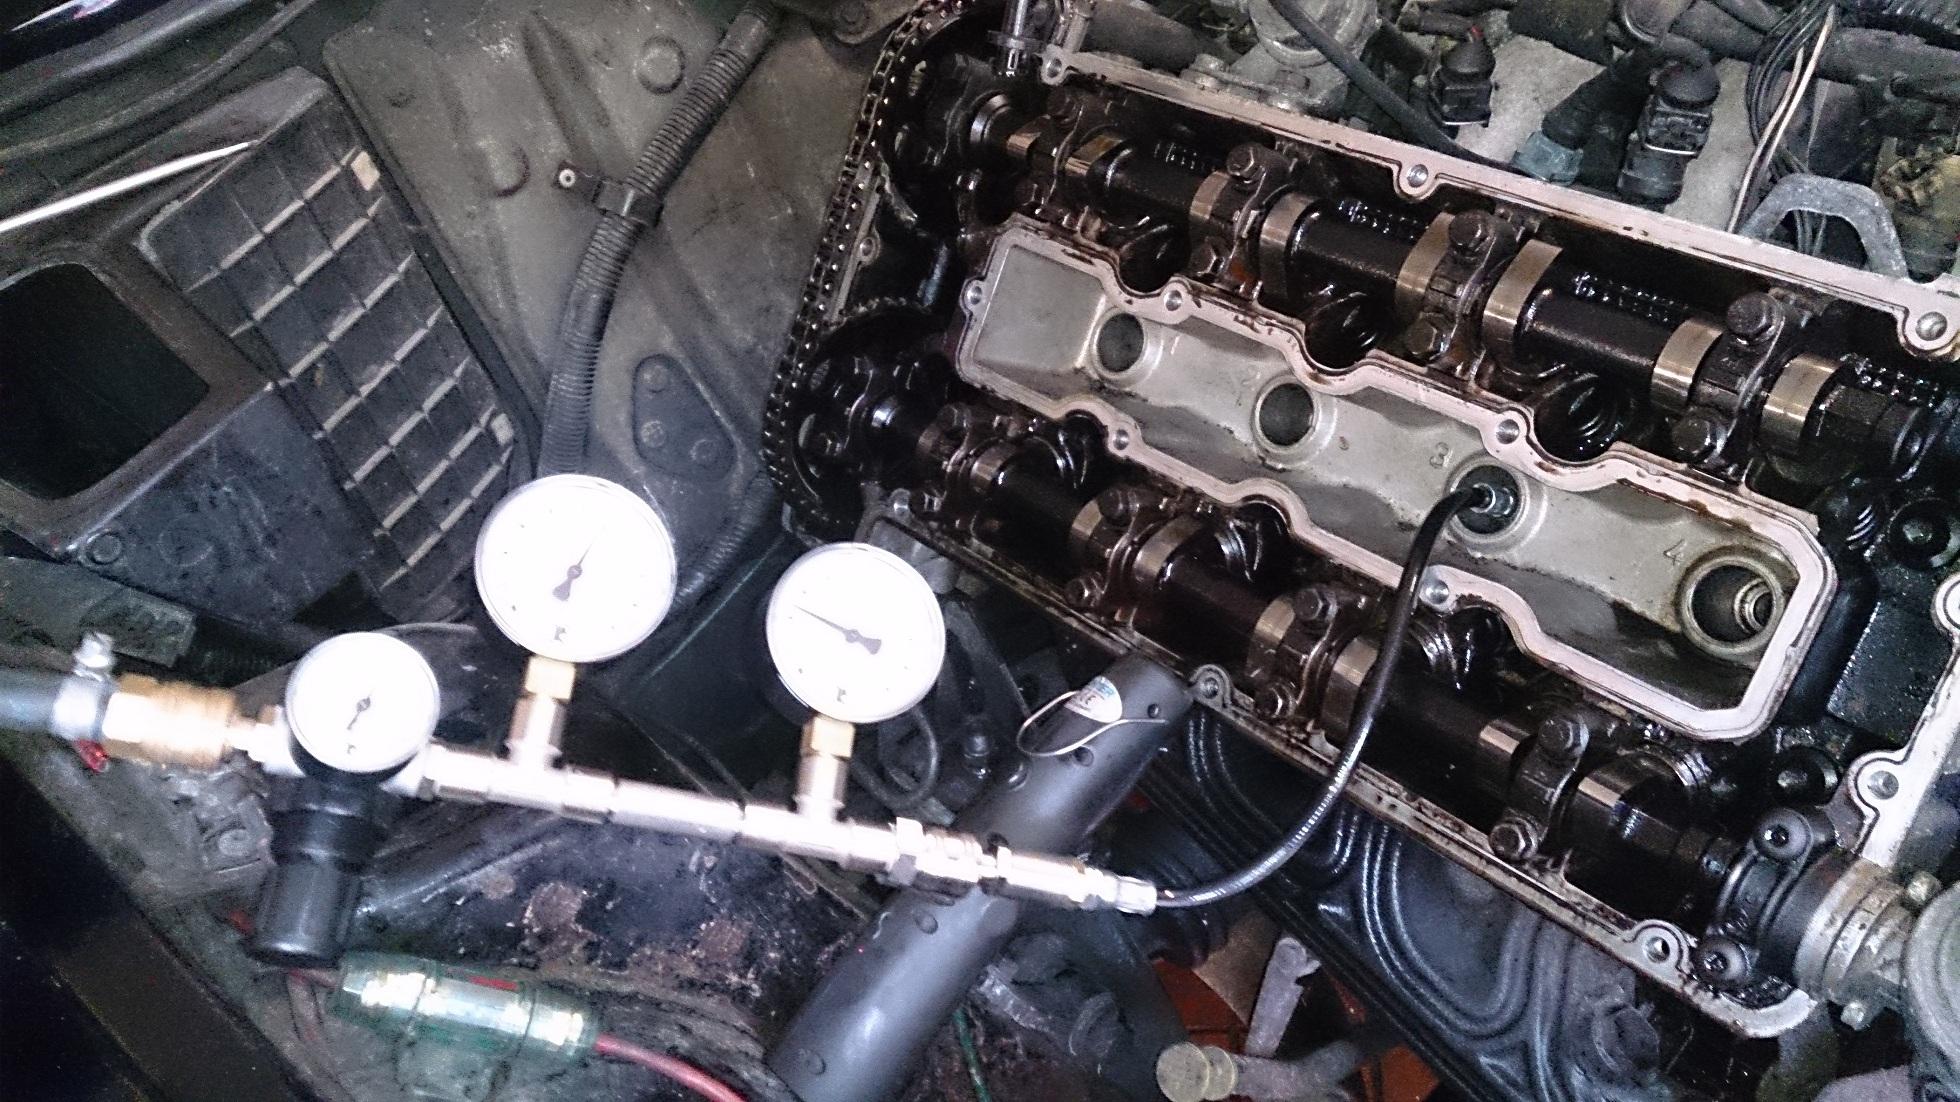 Nett Motor Beschriftete Teile Fotos - Die Besten Elektrischen ...